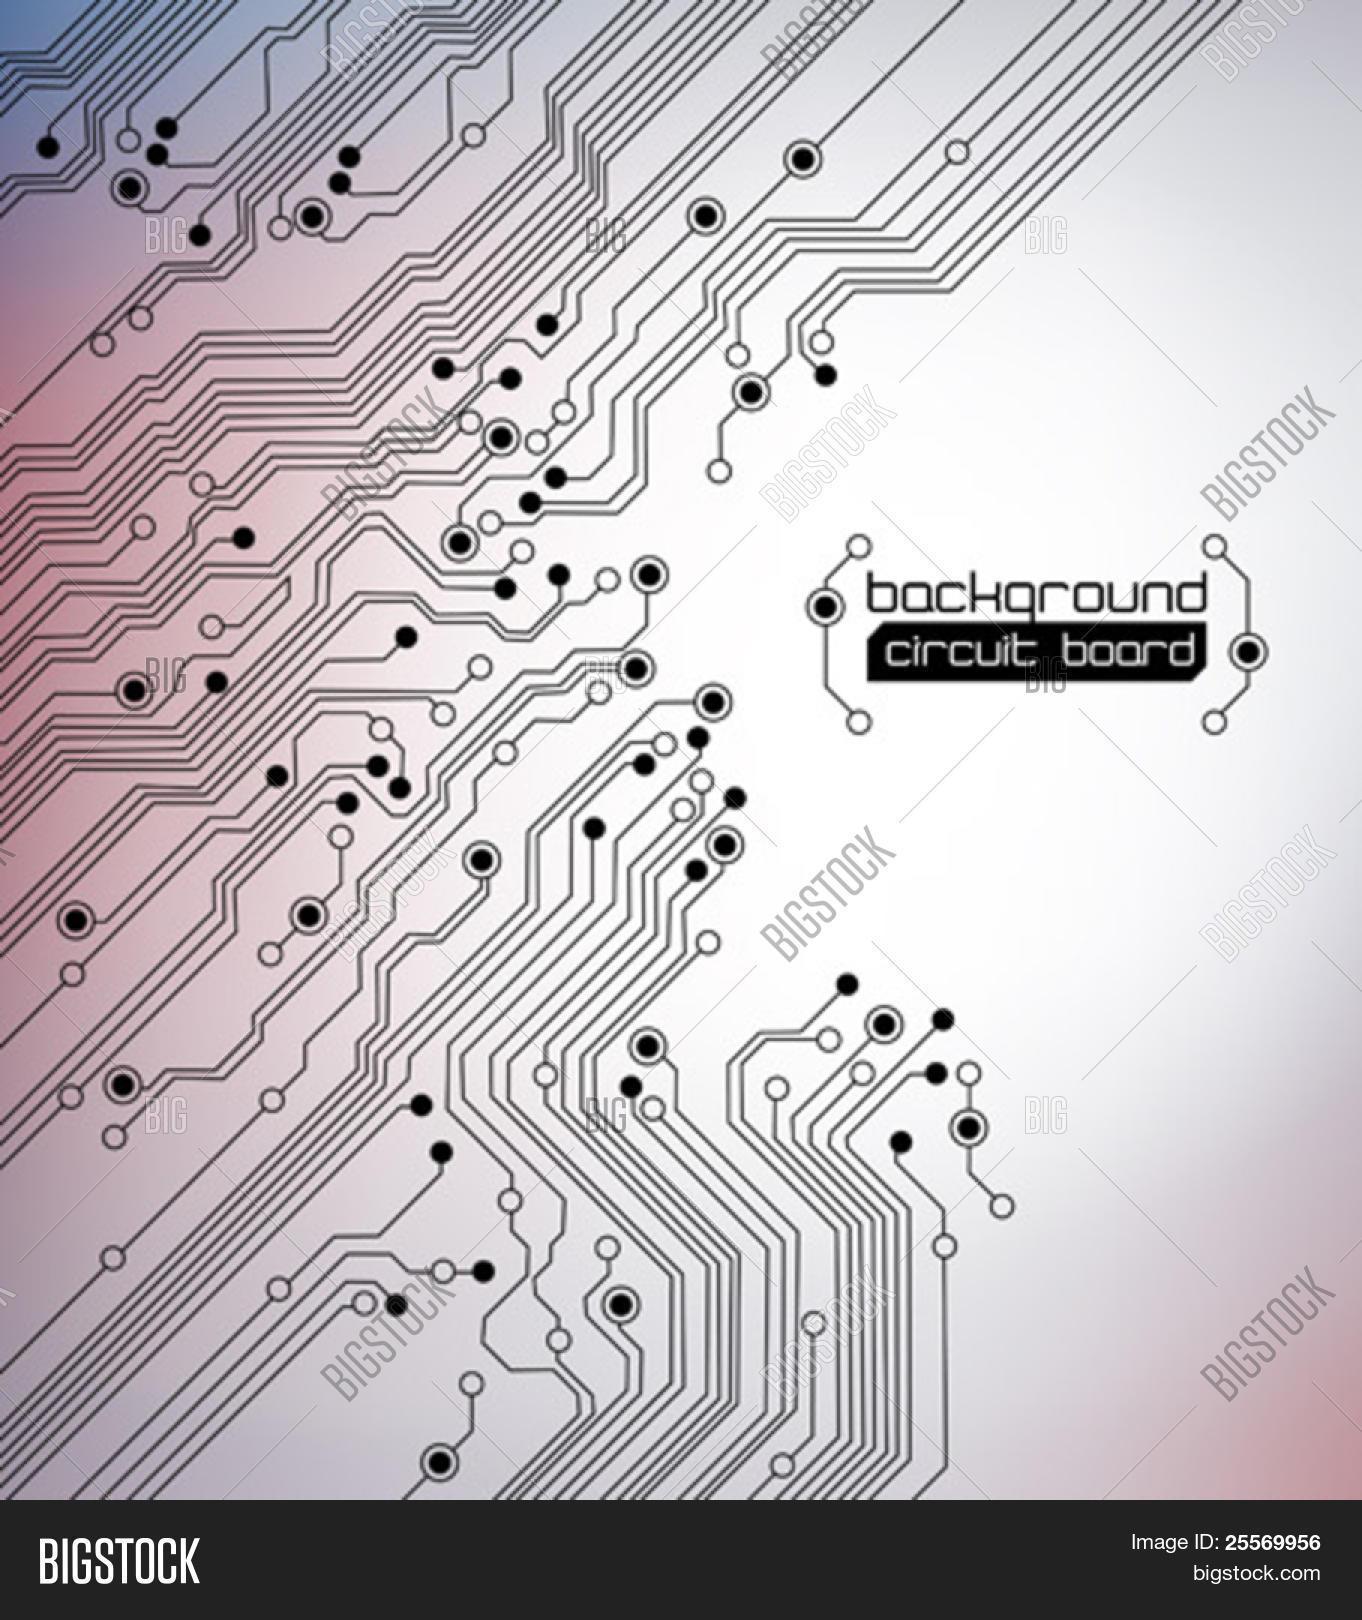 Image vectorielle et photo de Circuit Imprimé | Bigstock